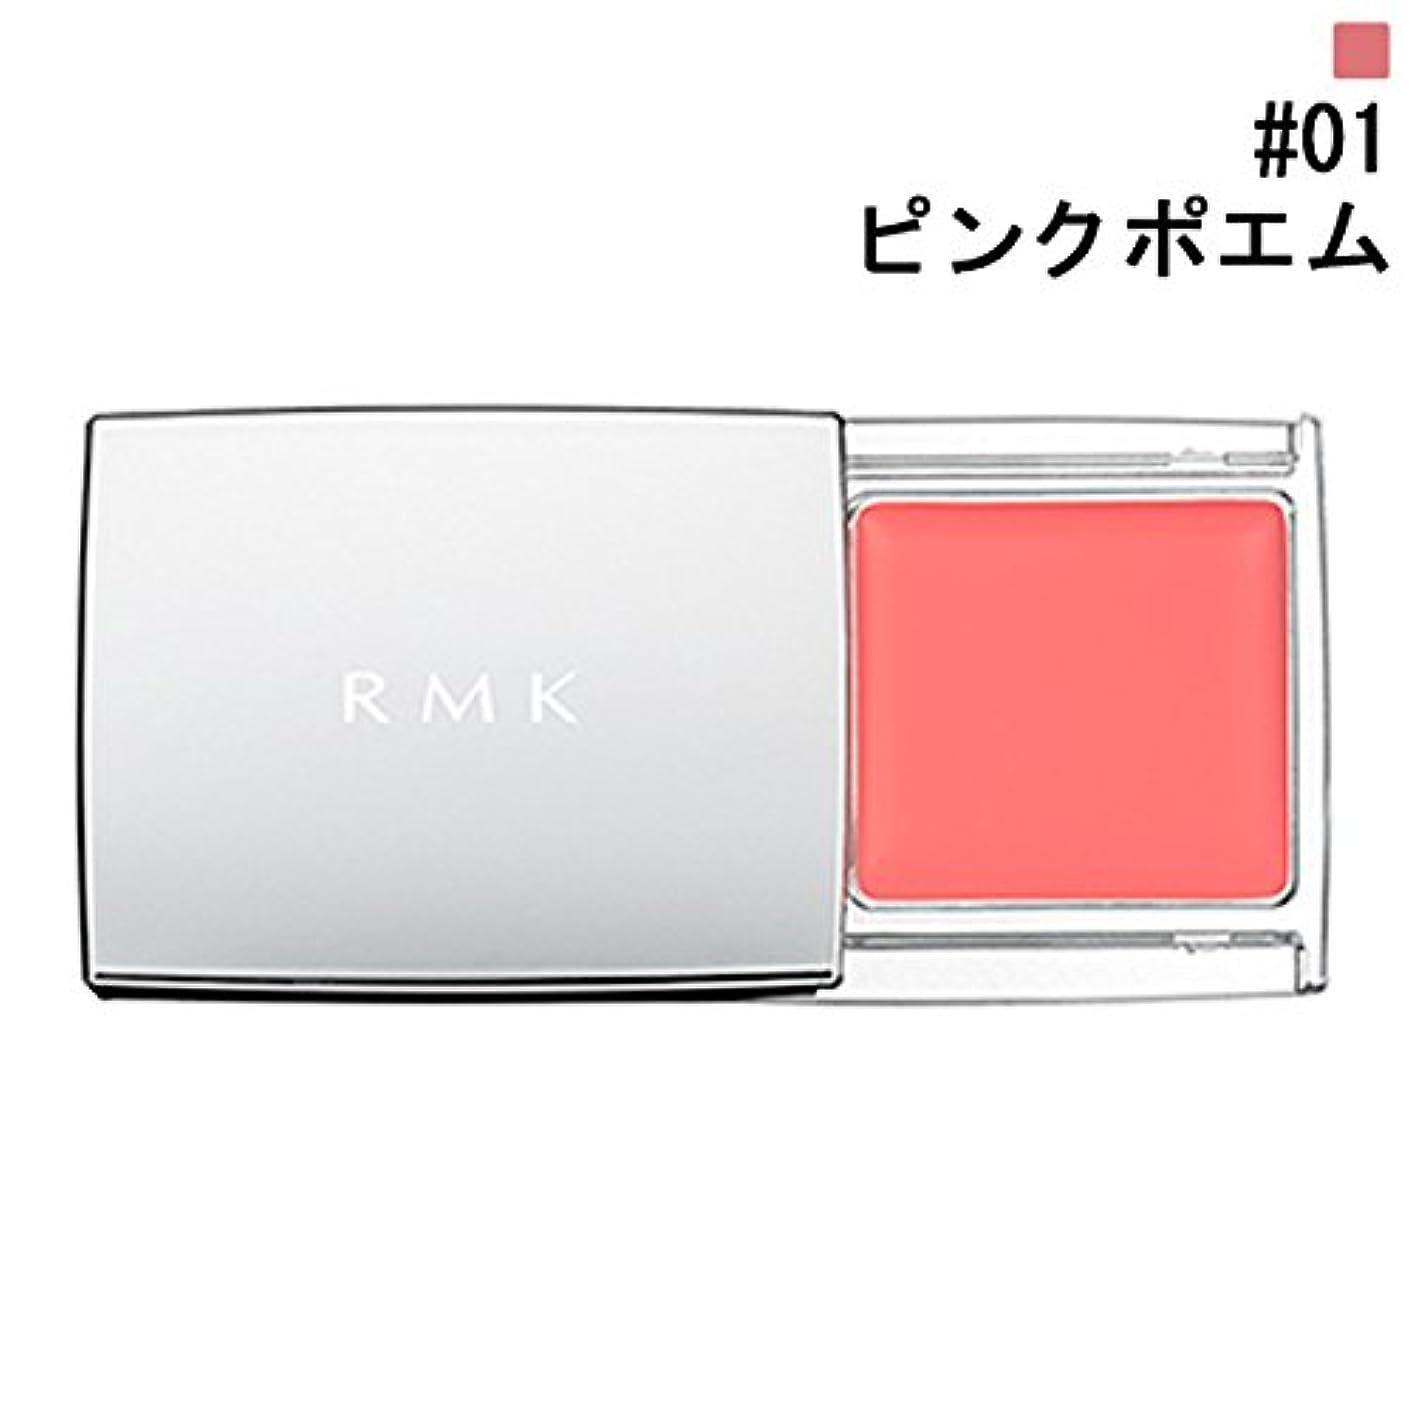 定数ターゲット写真を撮る【RMK (ルミコ)】RMK マルチペイントカラーズ #01 ピンクポエム 1.5g